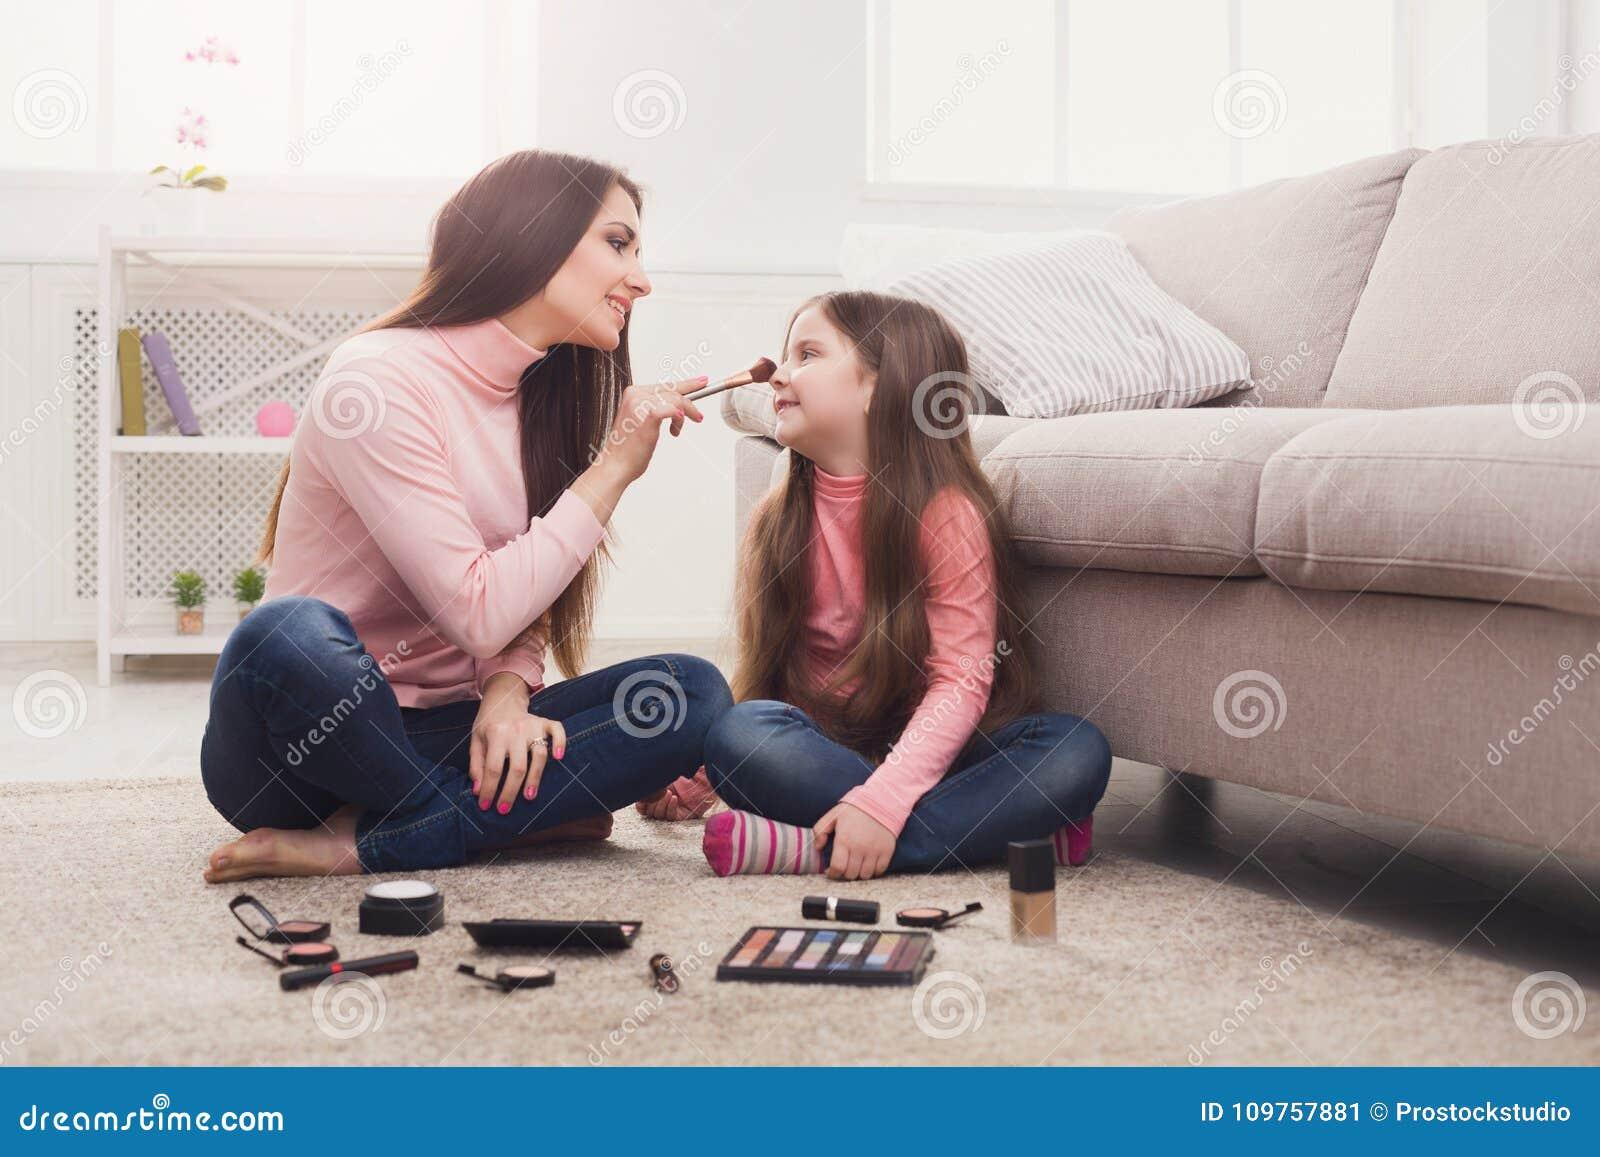 Madre e hija se hacen el amor [PUNIQRANDLINE-(au-dating-names.txt) 43